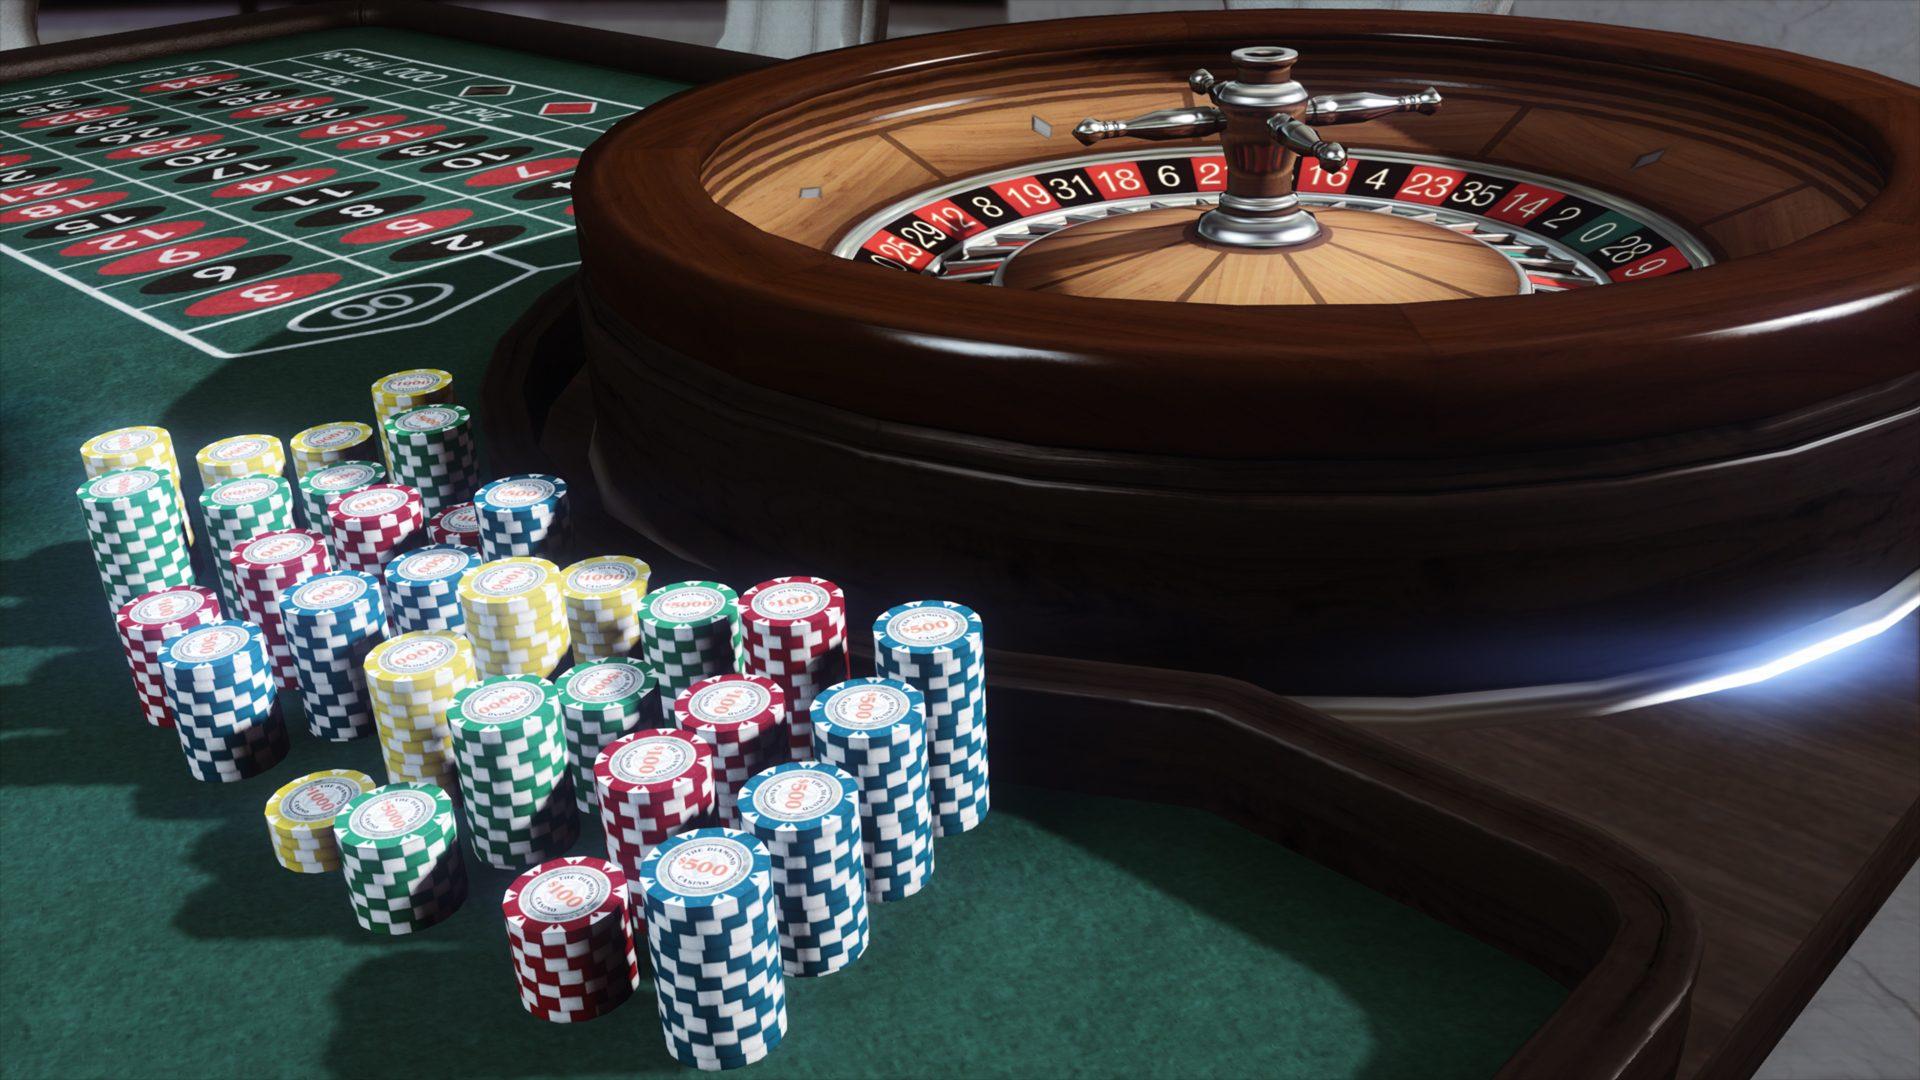 Играл с сотрудником казино покер холдем играть онлайн но